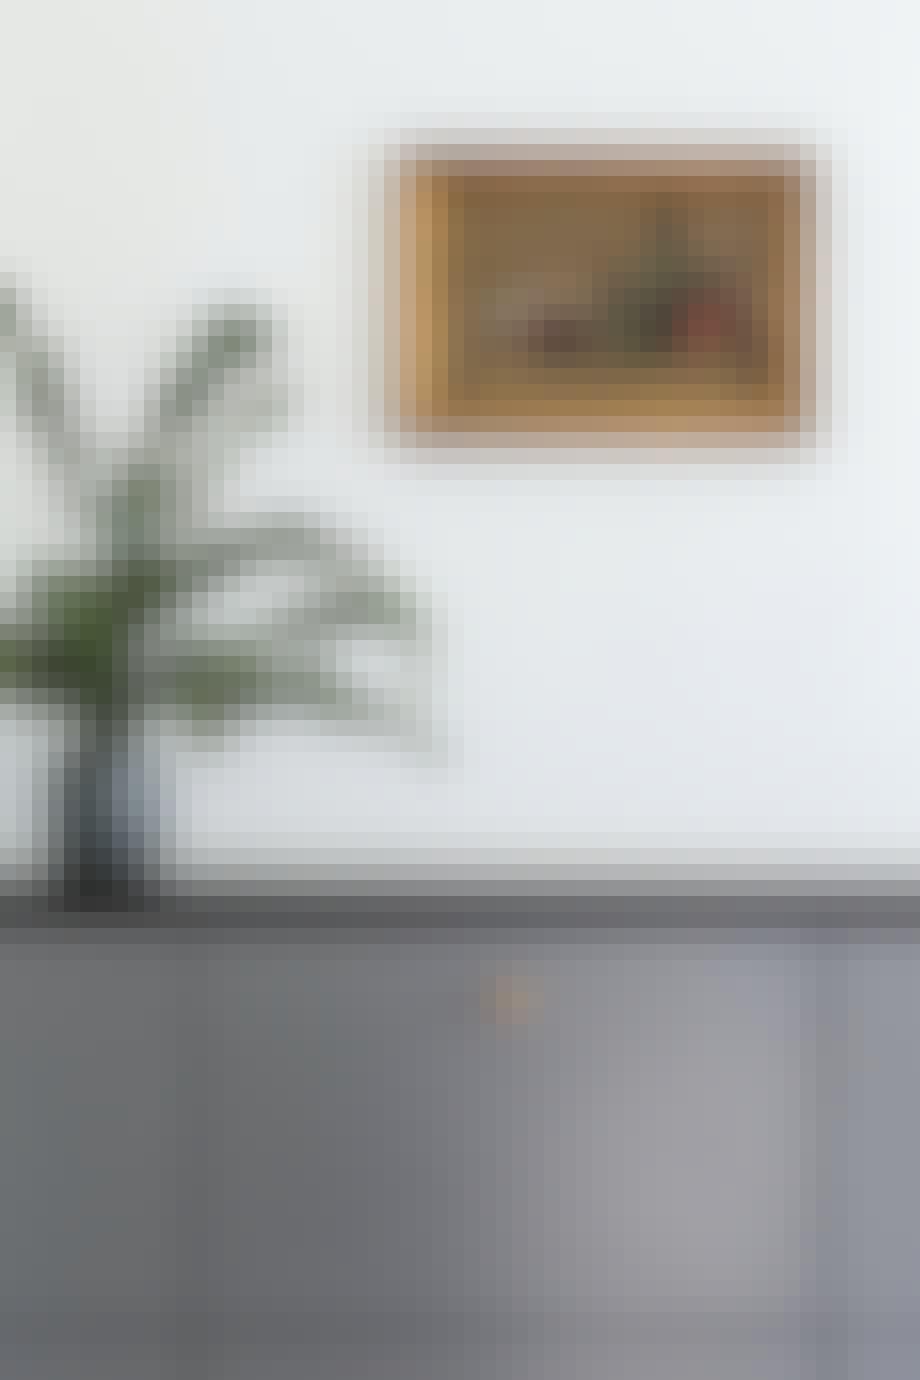 Vase på køkkenbord og maleri på væggen